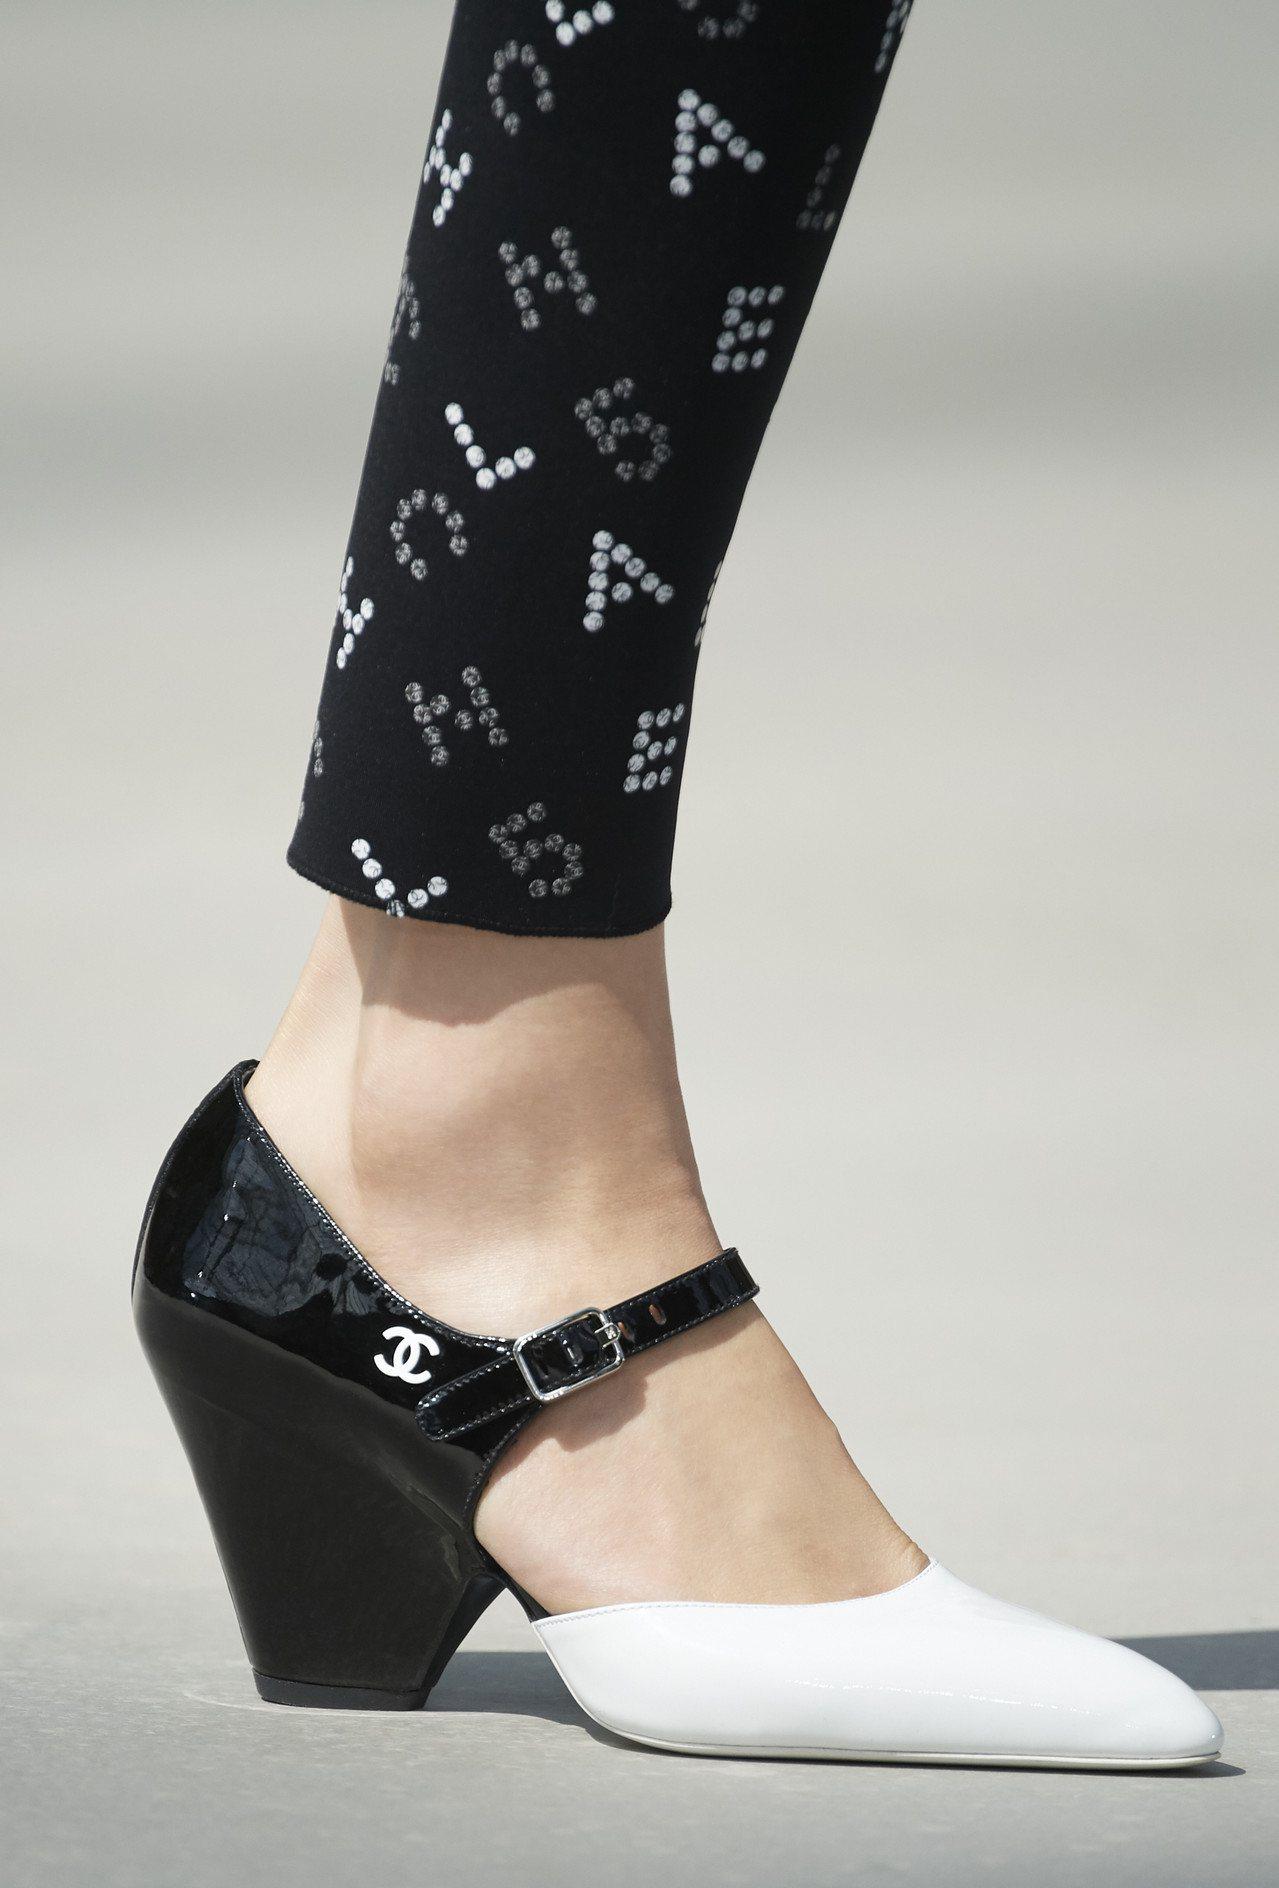 白色亮漆雙C標誌則低調地標在腳踝部位,巧妙點綴小驚喜。圖/香奈兒提供